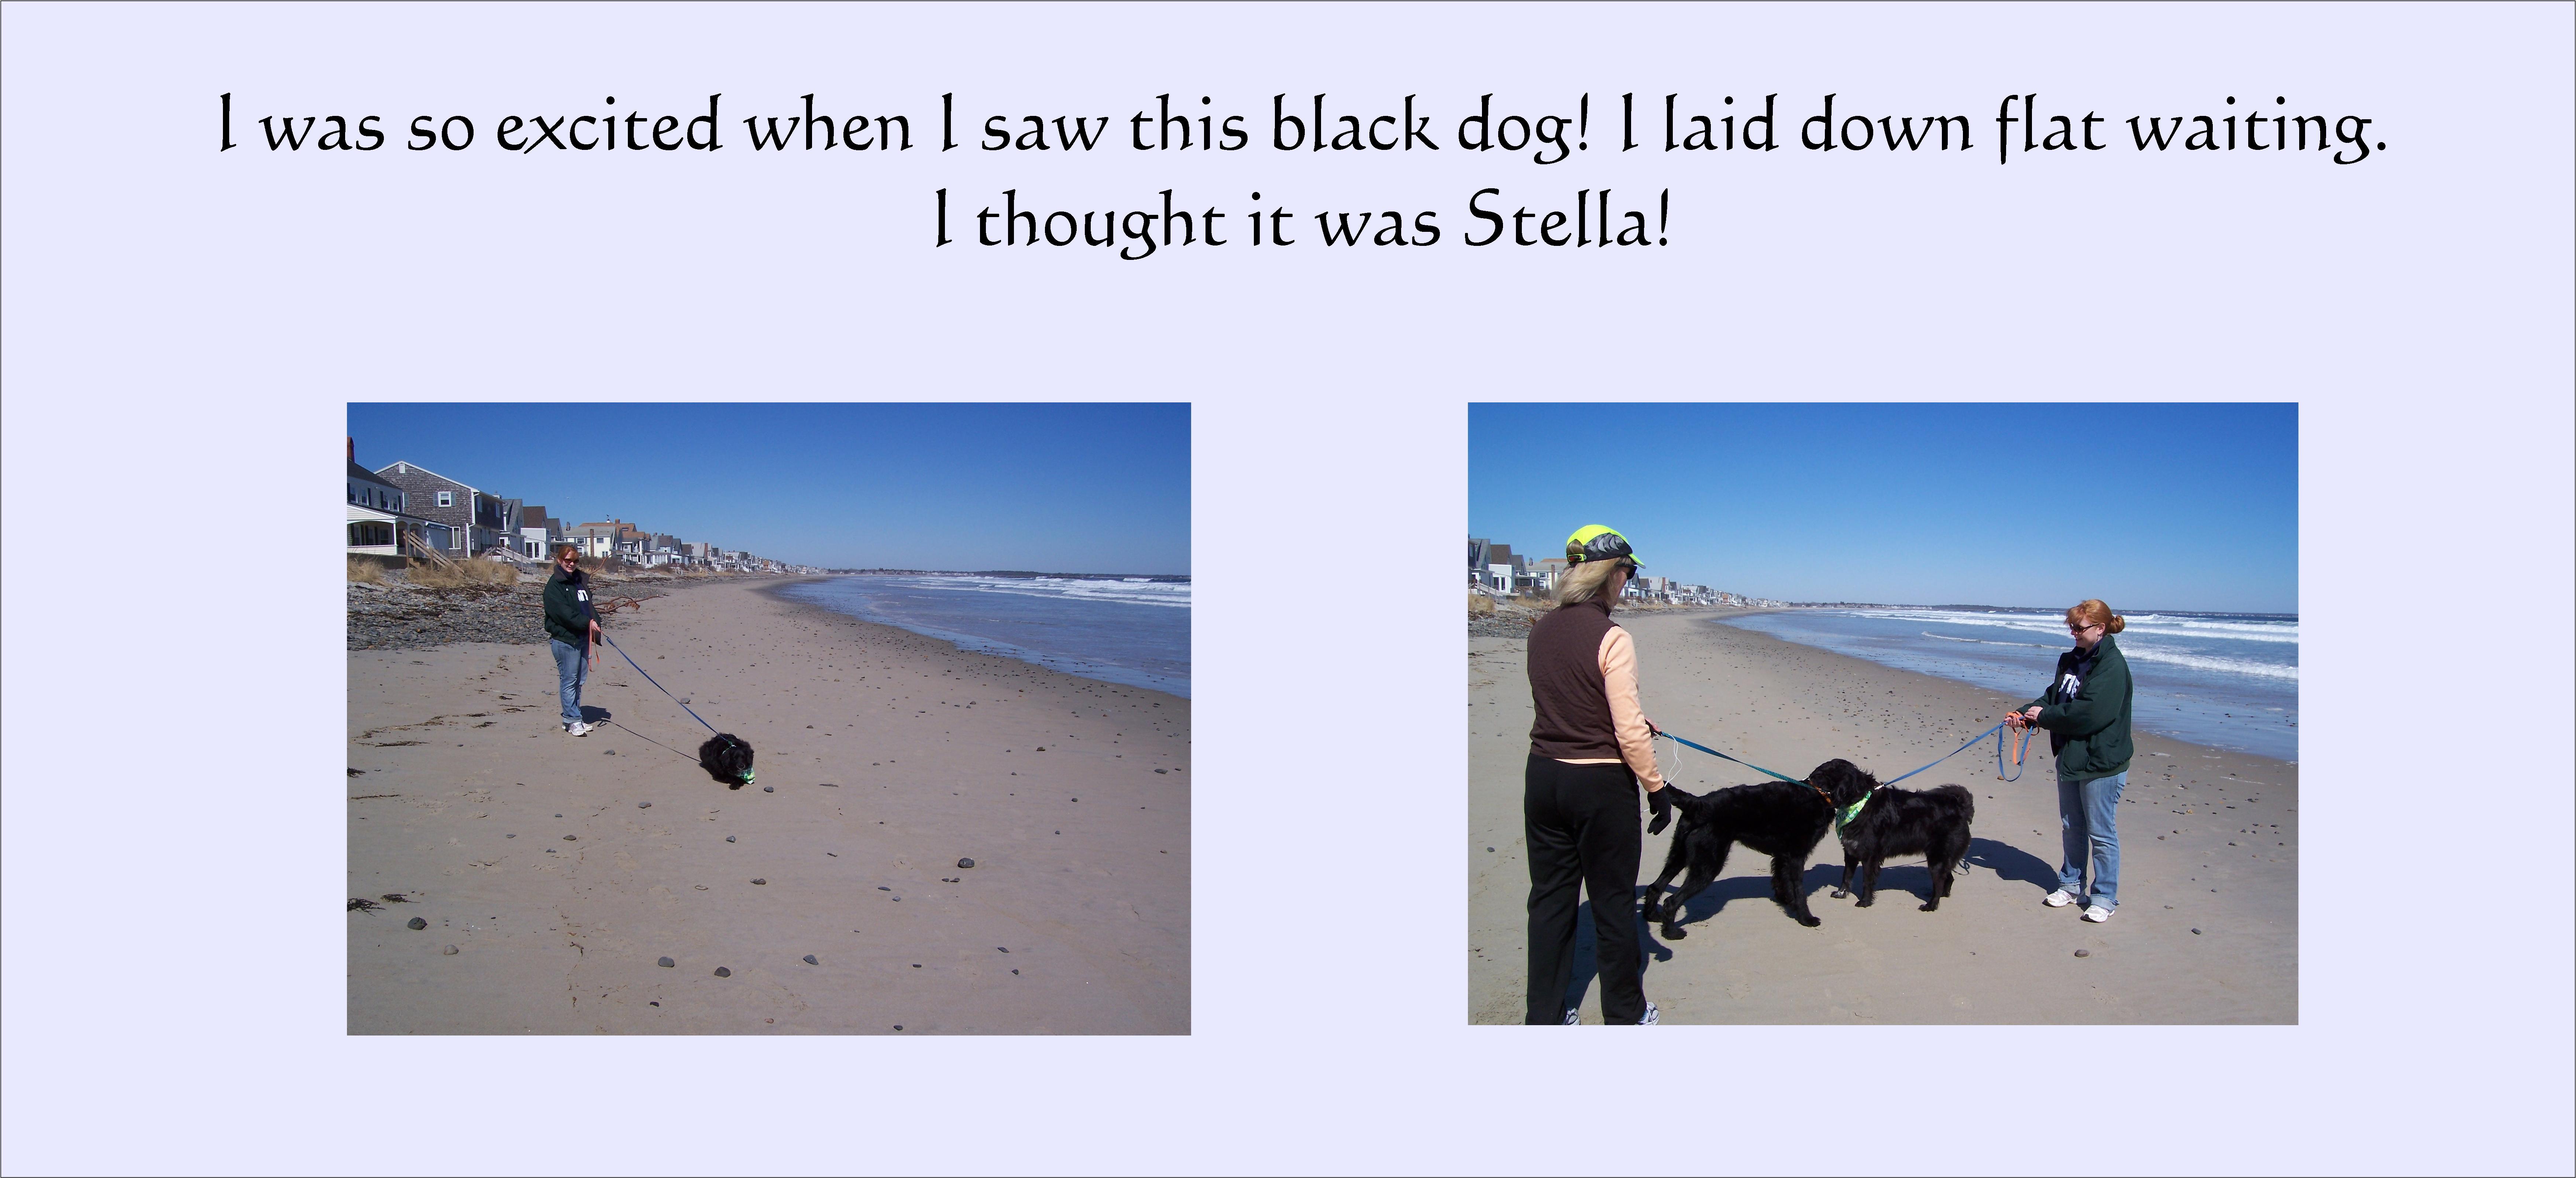 stella-slide-2